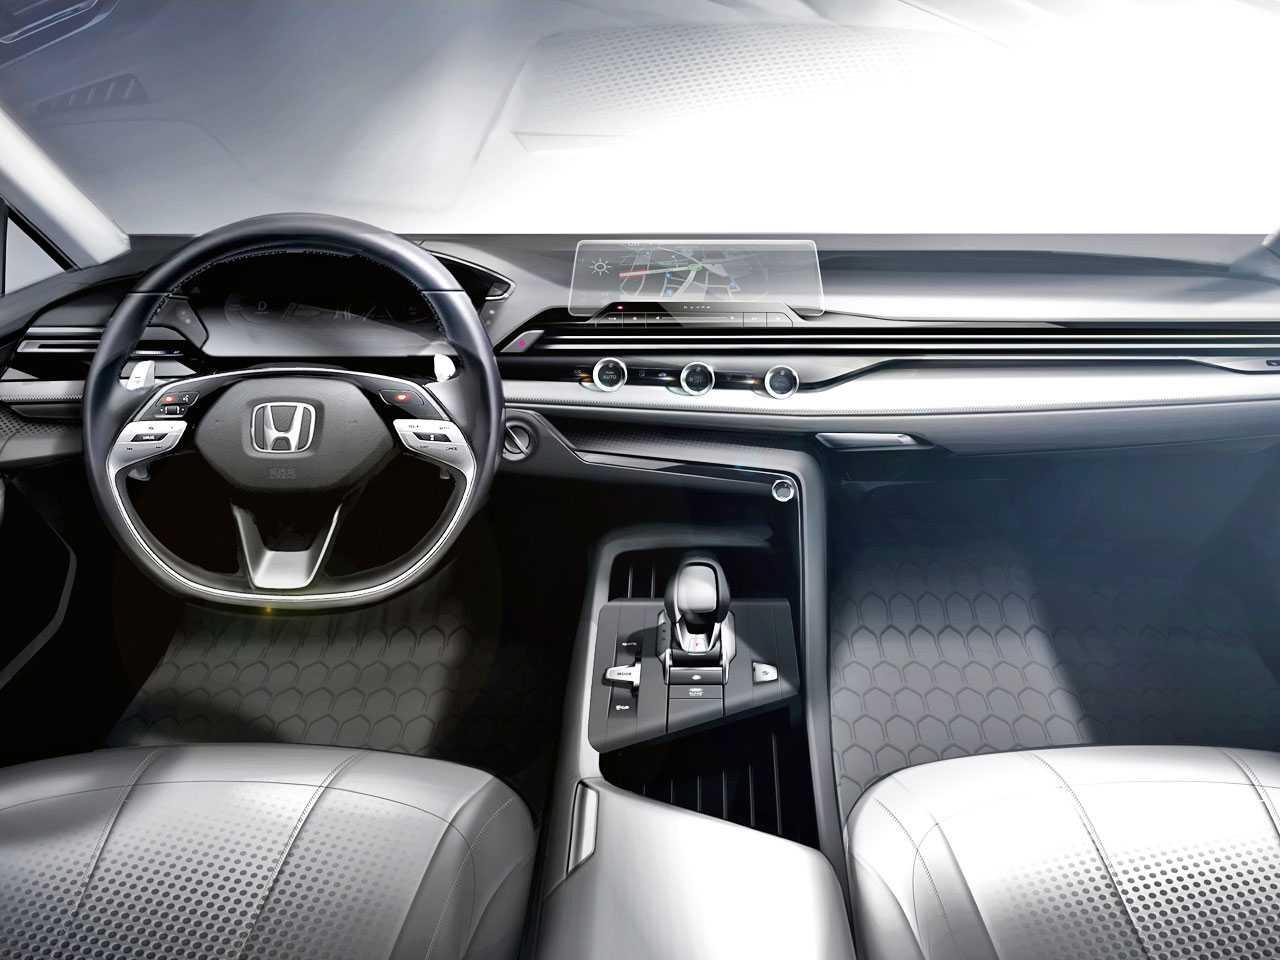 O painel conceitual da Honda: simplicidade aliada à tecnologia